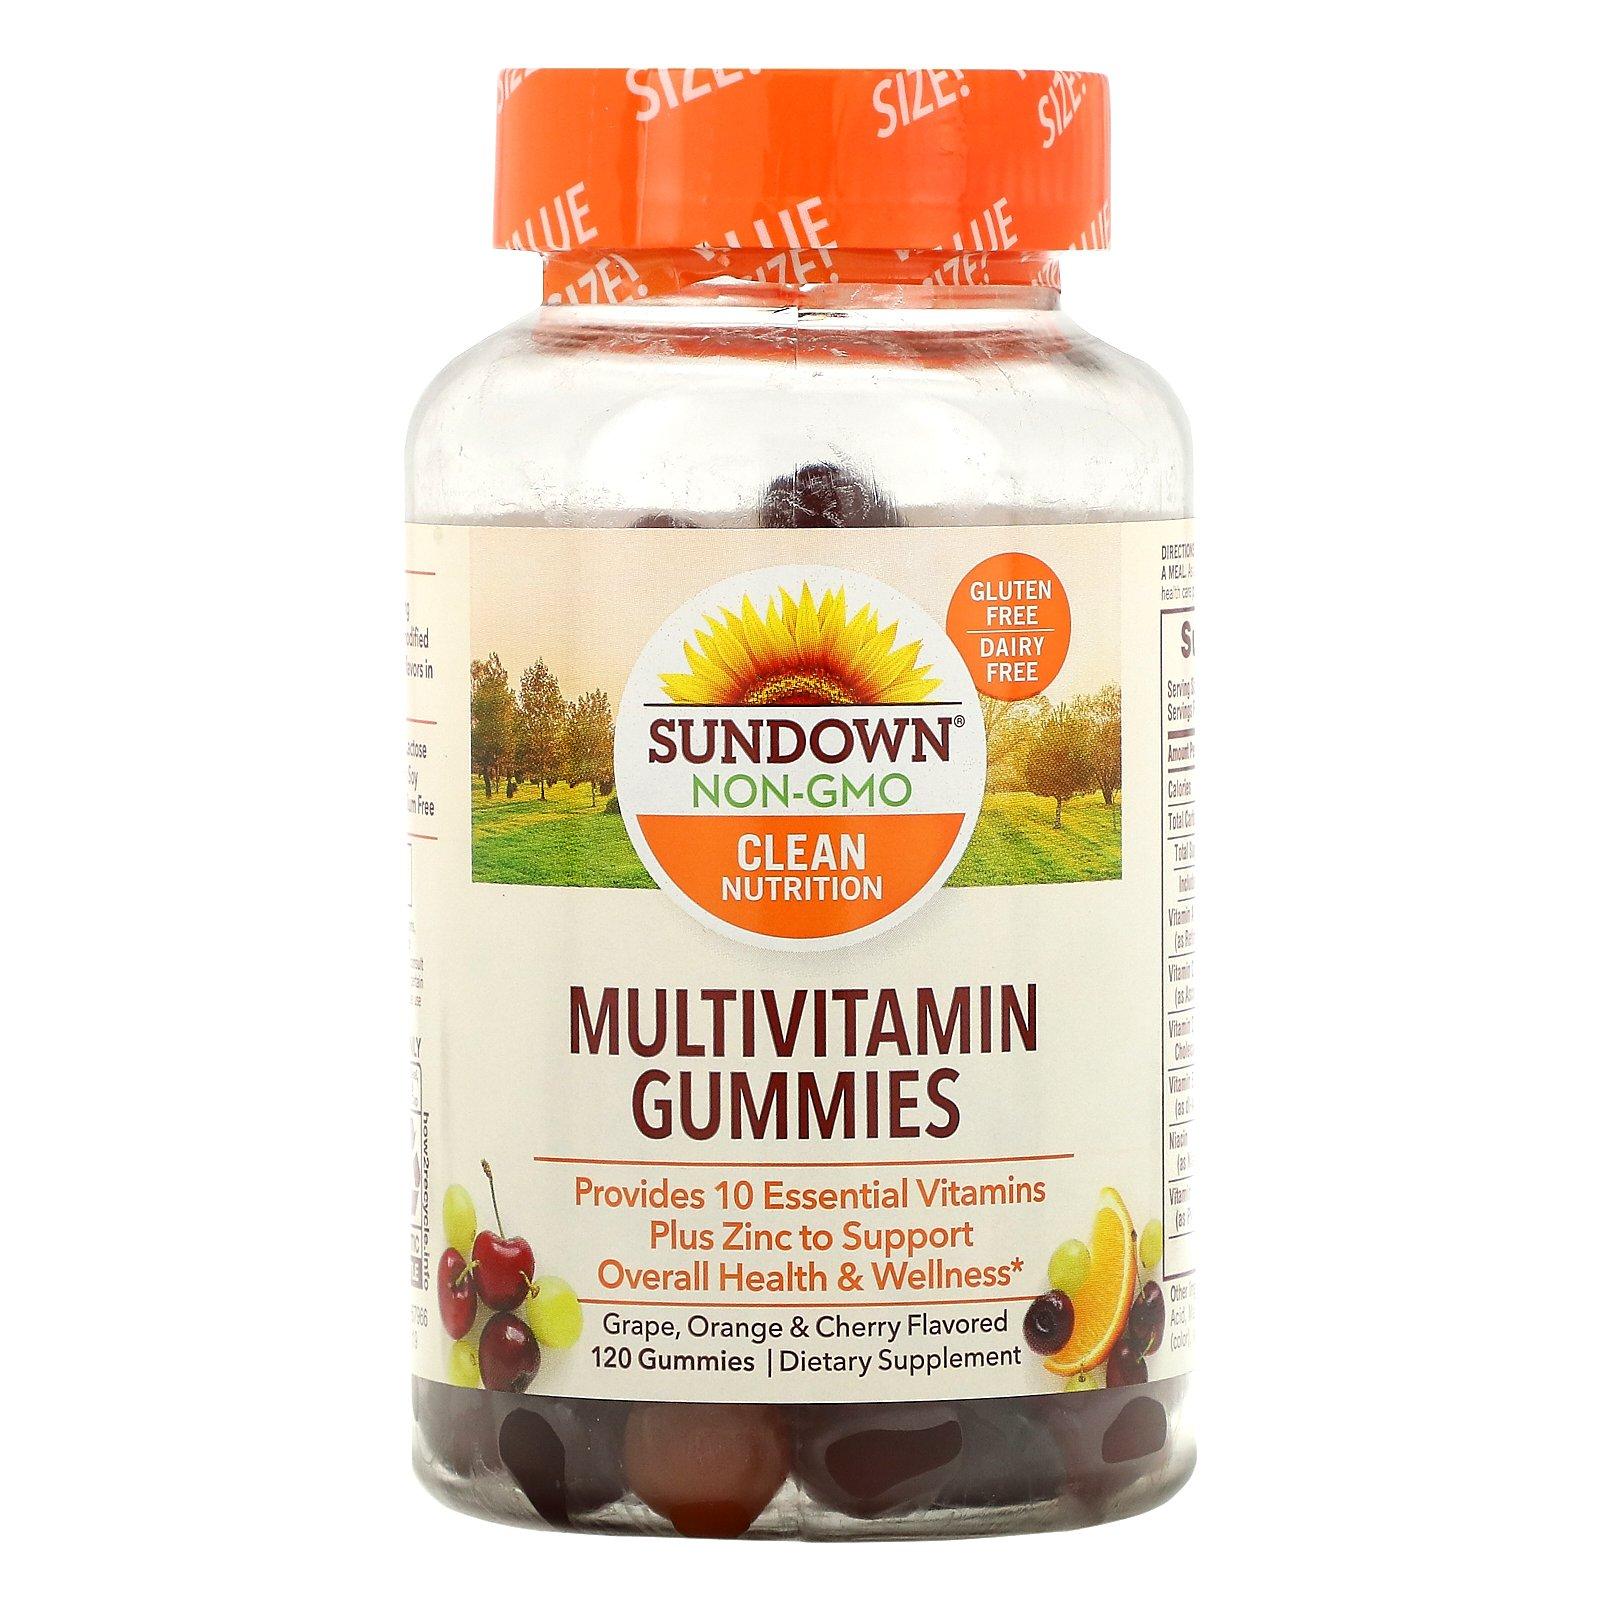 Sundown Naturals, Мультивитаминные жевательные конфеты, со вкусом винограда, апельсина и вишни, 120 шт.